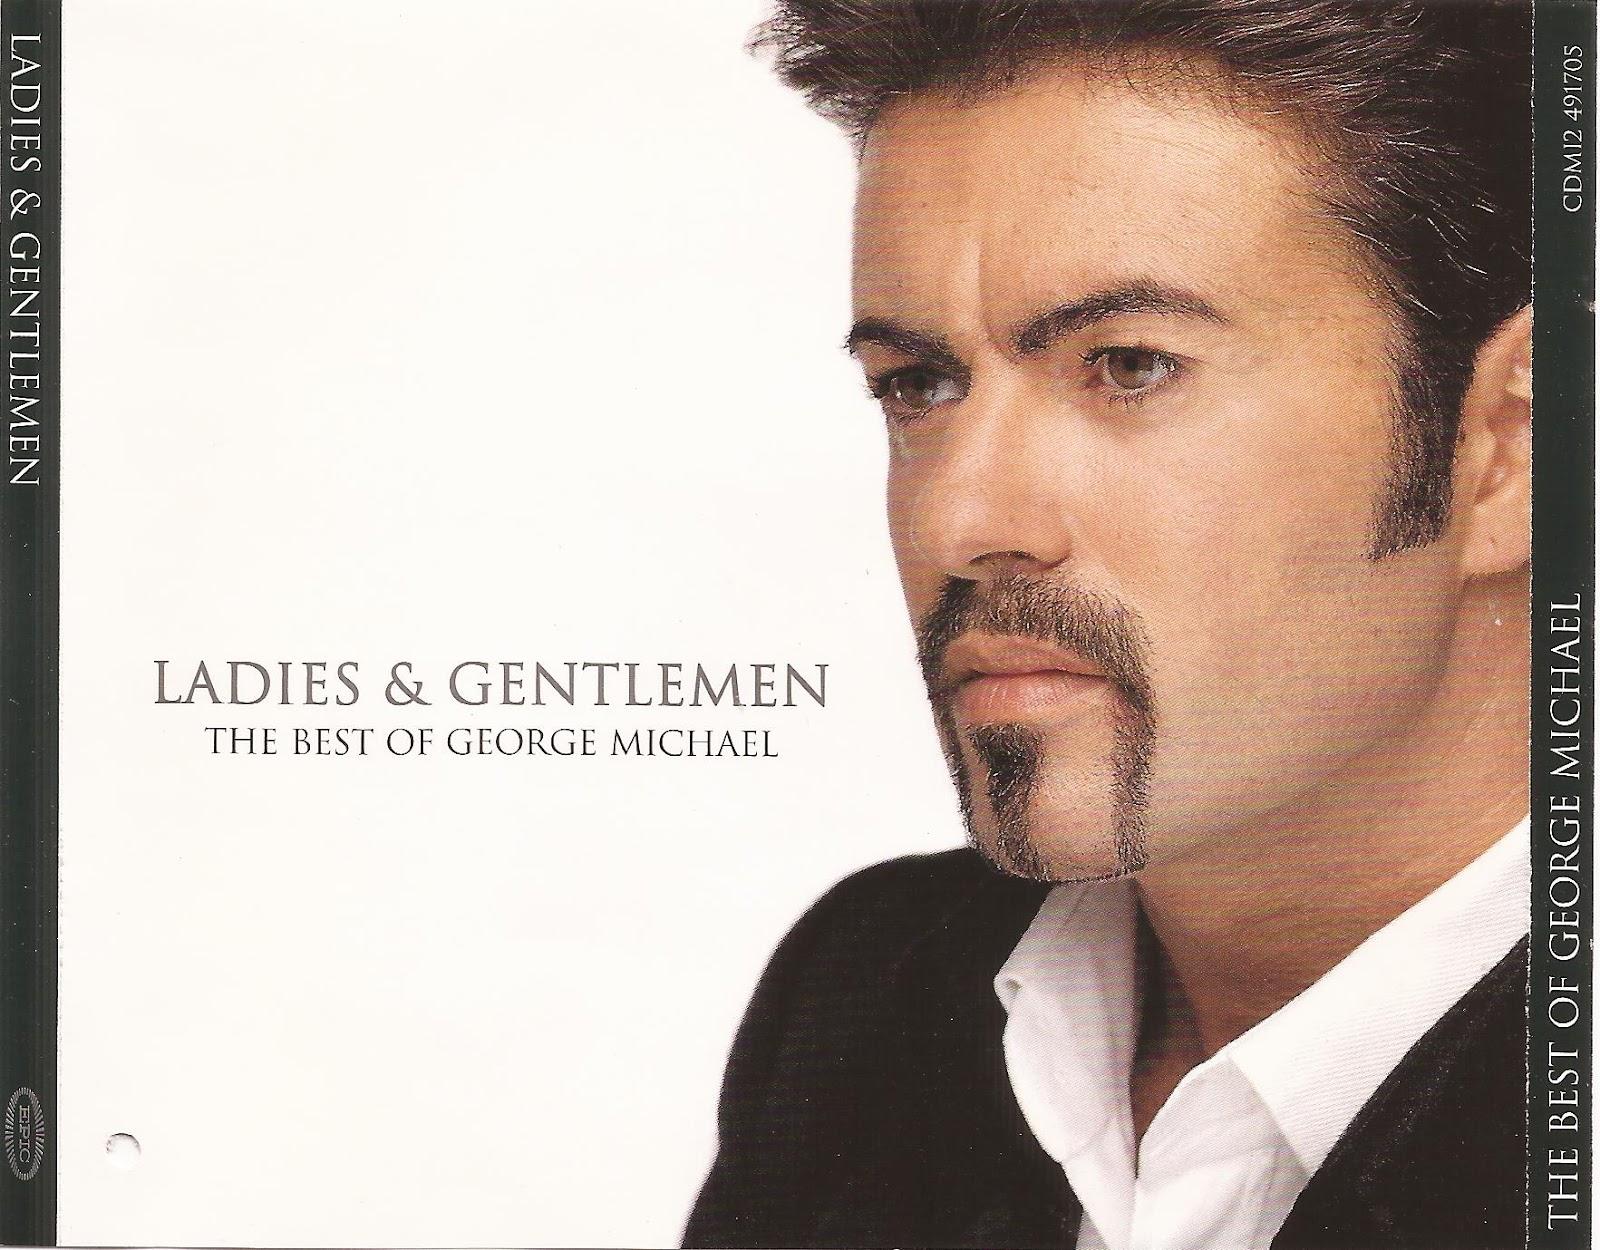 http://1.bp.blogspot.com/-Z-eiPRshCpk/T0WjU8Kb1wI/AAAAAAAACEk/UJtLPpEOXdQ/s1600/Best+of+George+Michael+portada.jpg